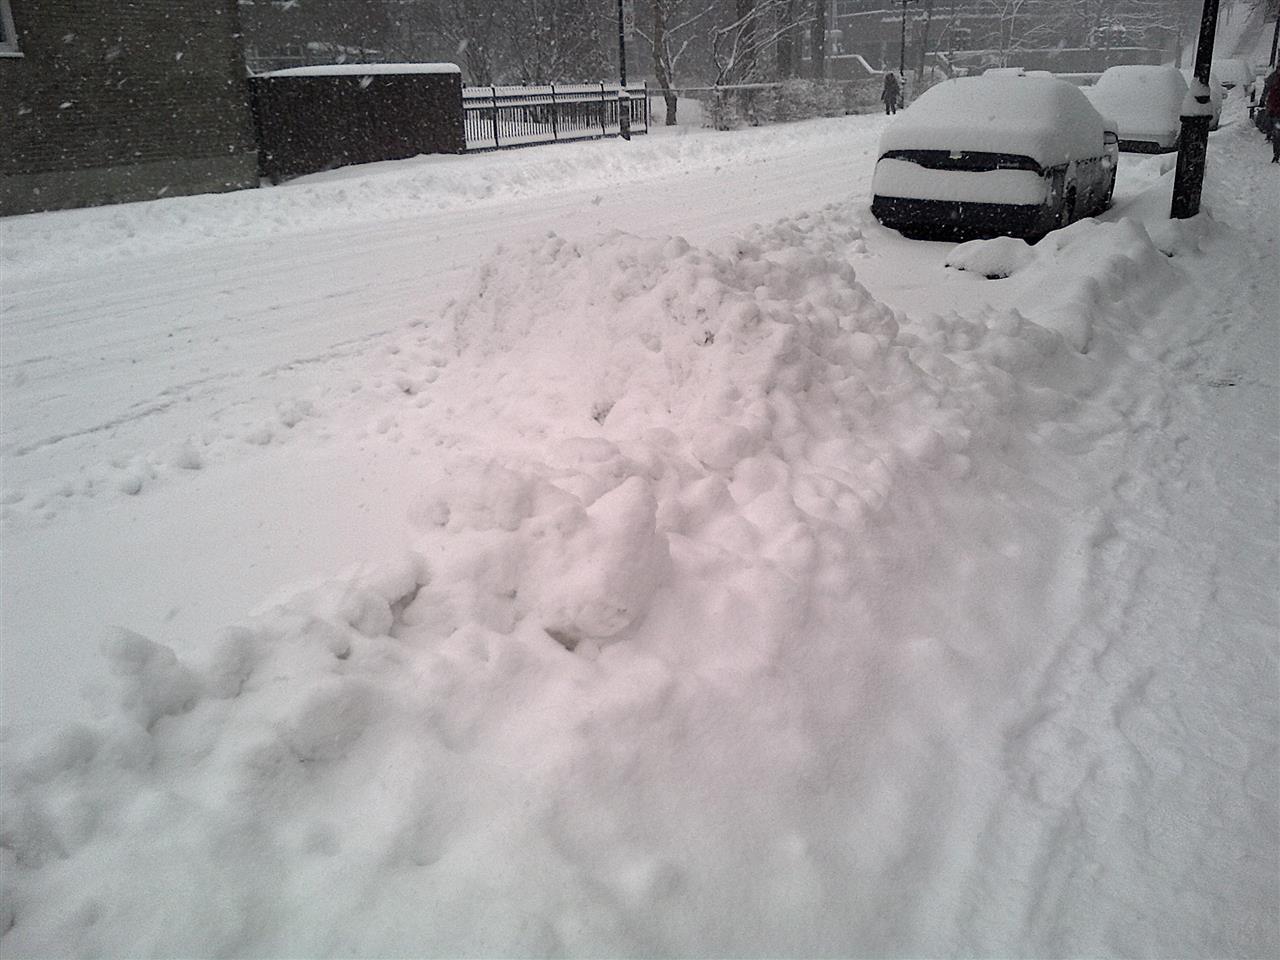 Schnee, Schnee und noch mehr Schnee